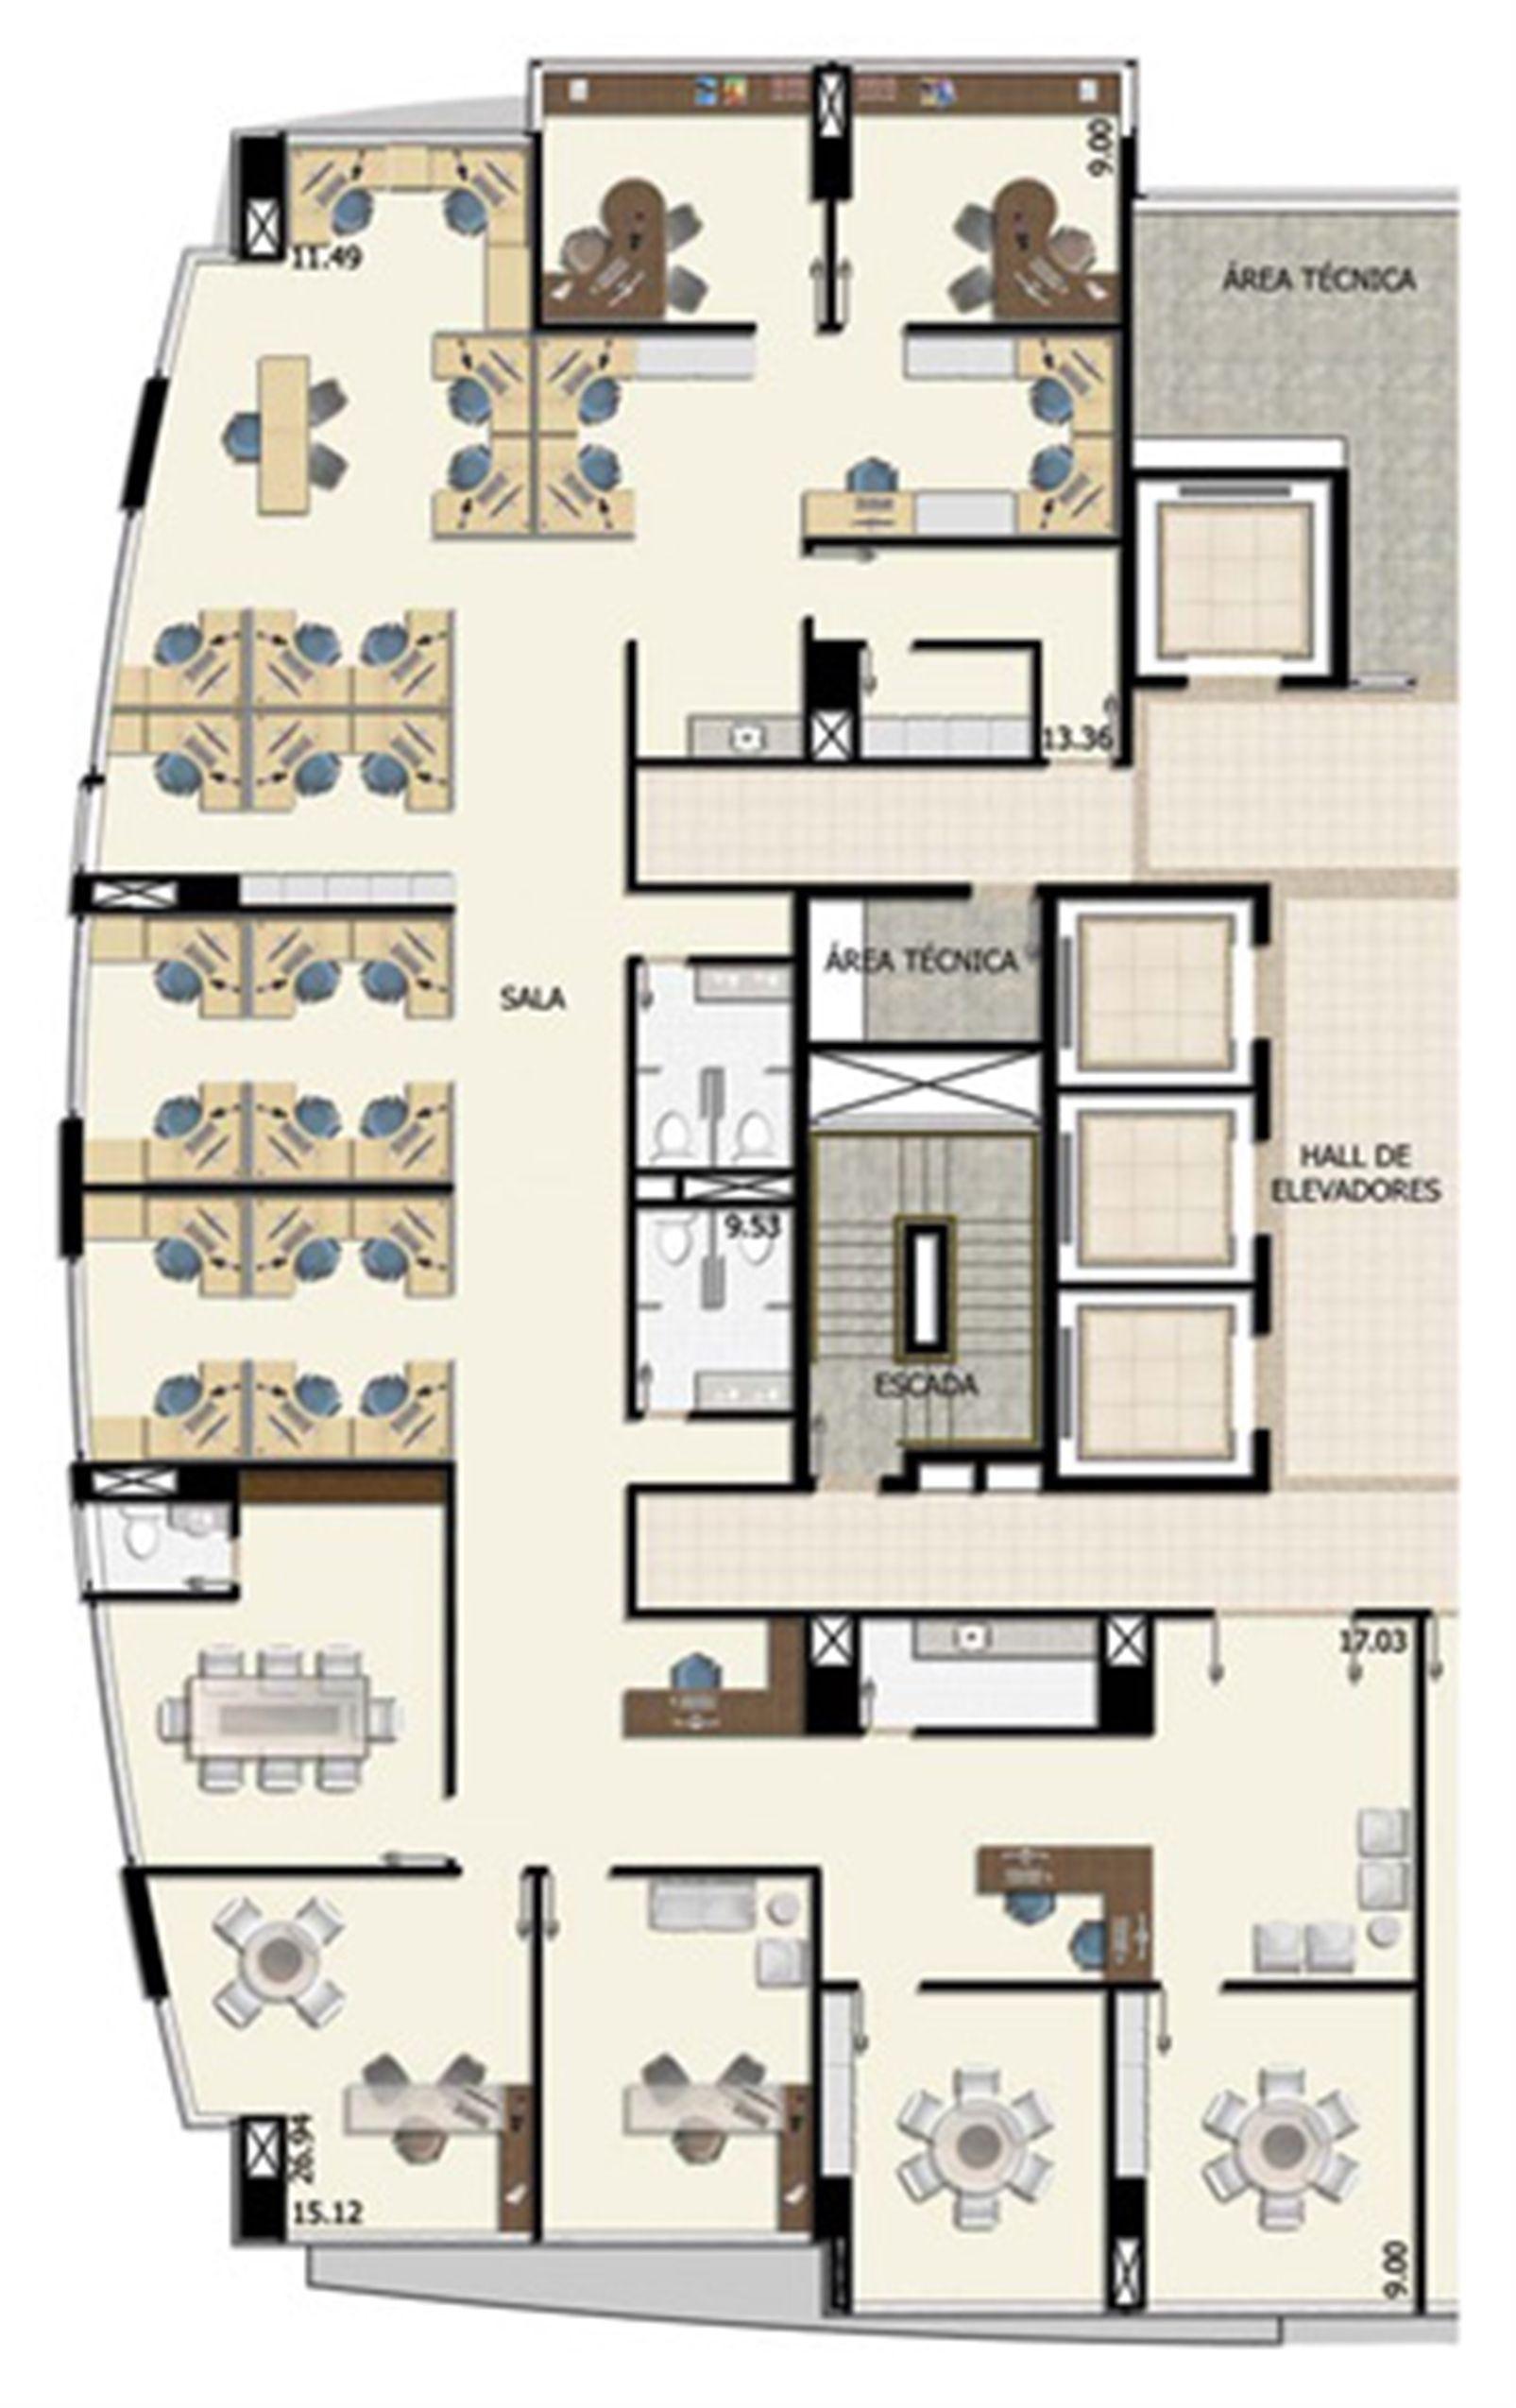 Conjunto corporativo meio andar - 333,85 m² | Salvador Shopping Business – Salas Comerciaisno  Ao lado do Salvador Shopping - Salvador - Bahia